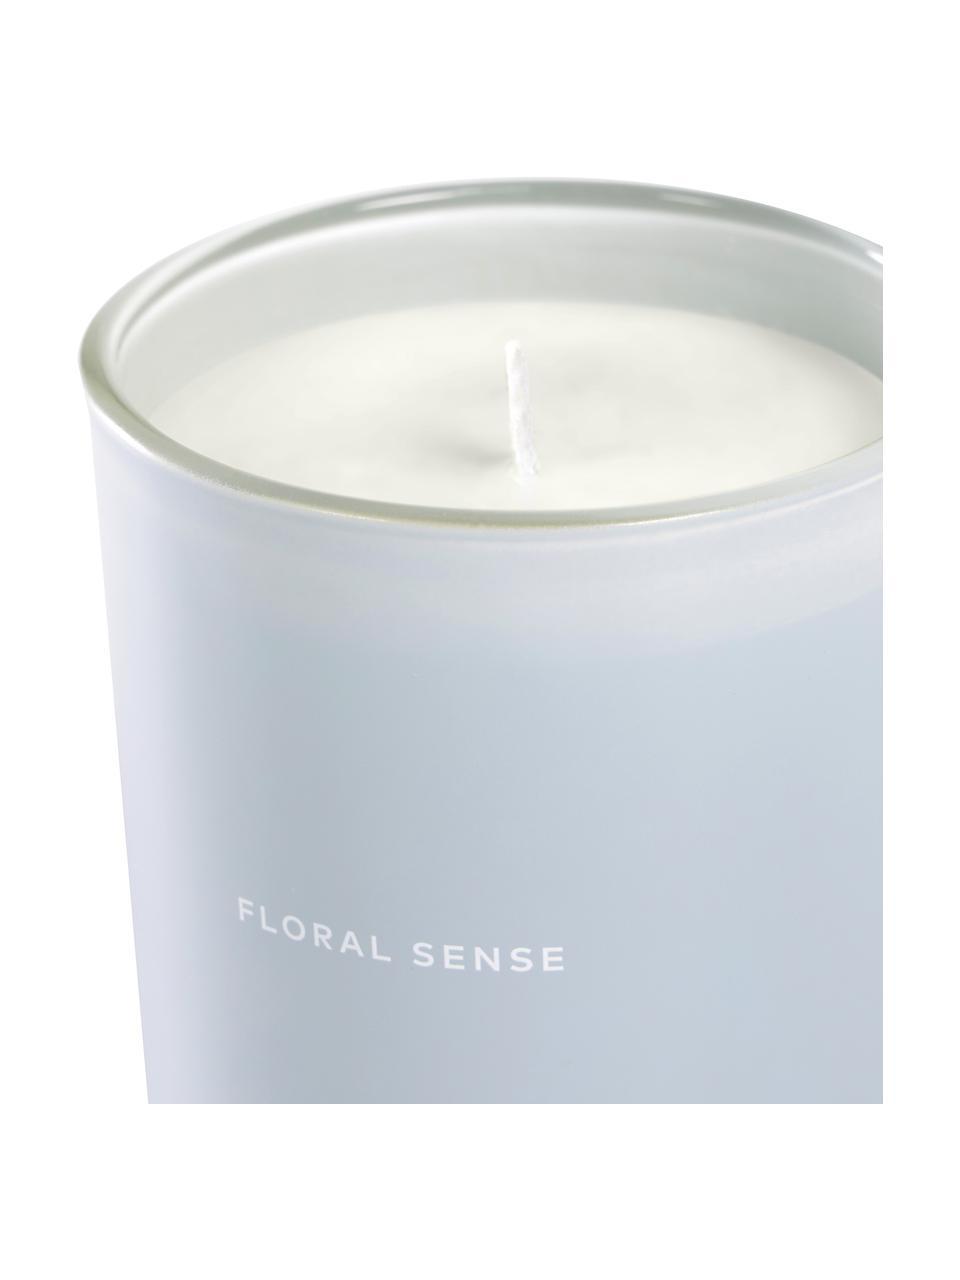 Duftkerze Floral Sense (Gartenblumen), Behälter: Glas, Gartenblumen, Ø 8 x H 9 cm